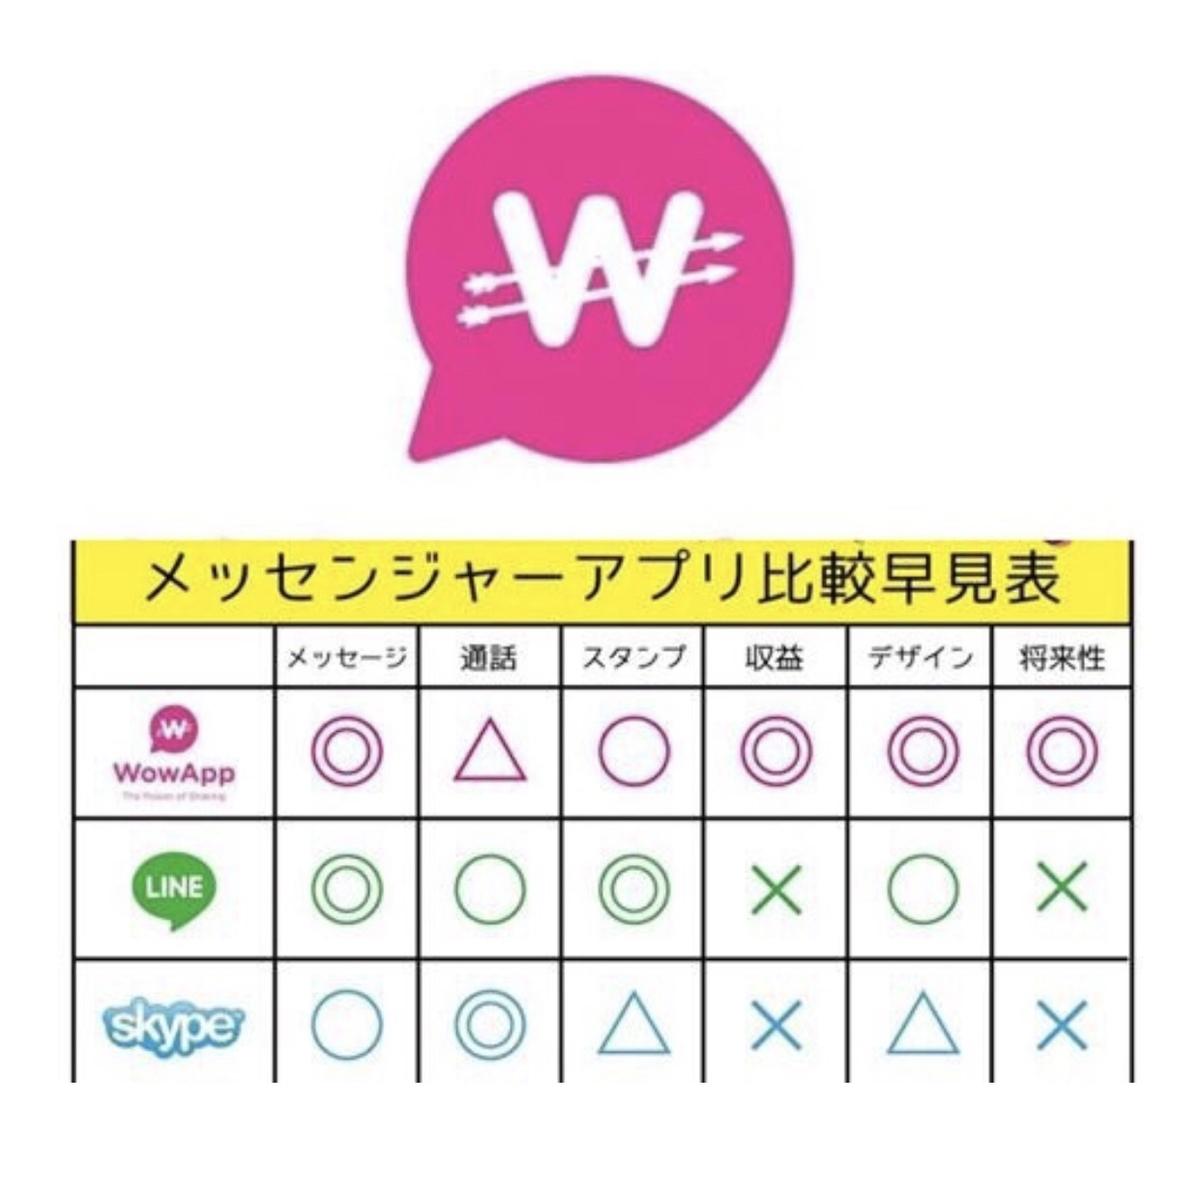 f:id:kaoruikeda:20200831123648j:plain